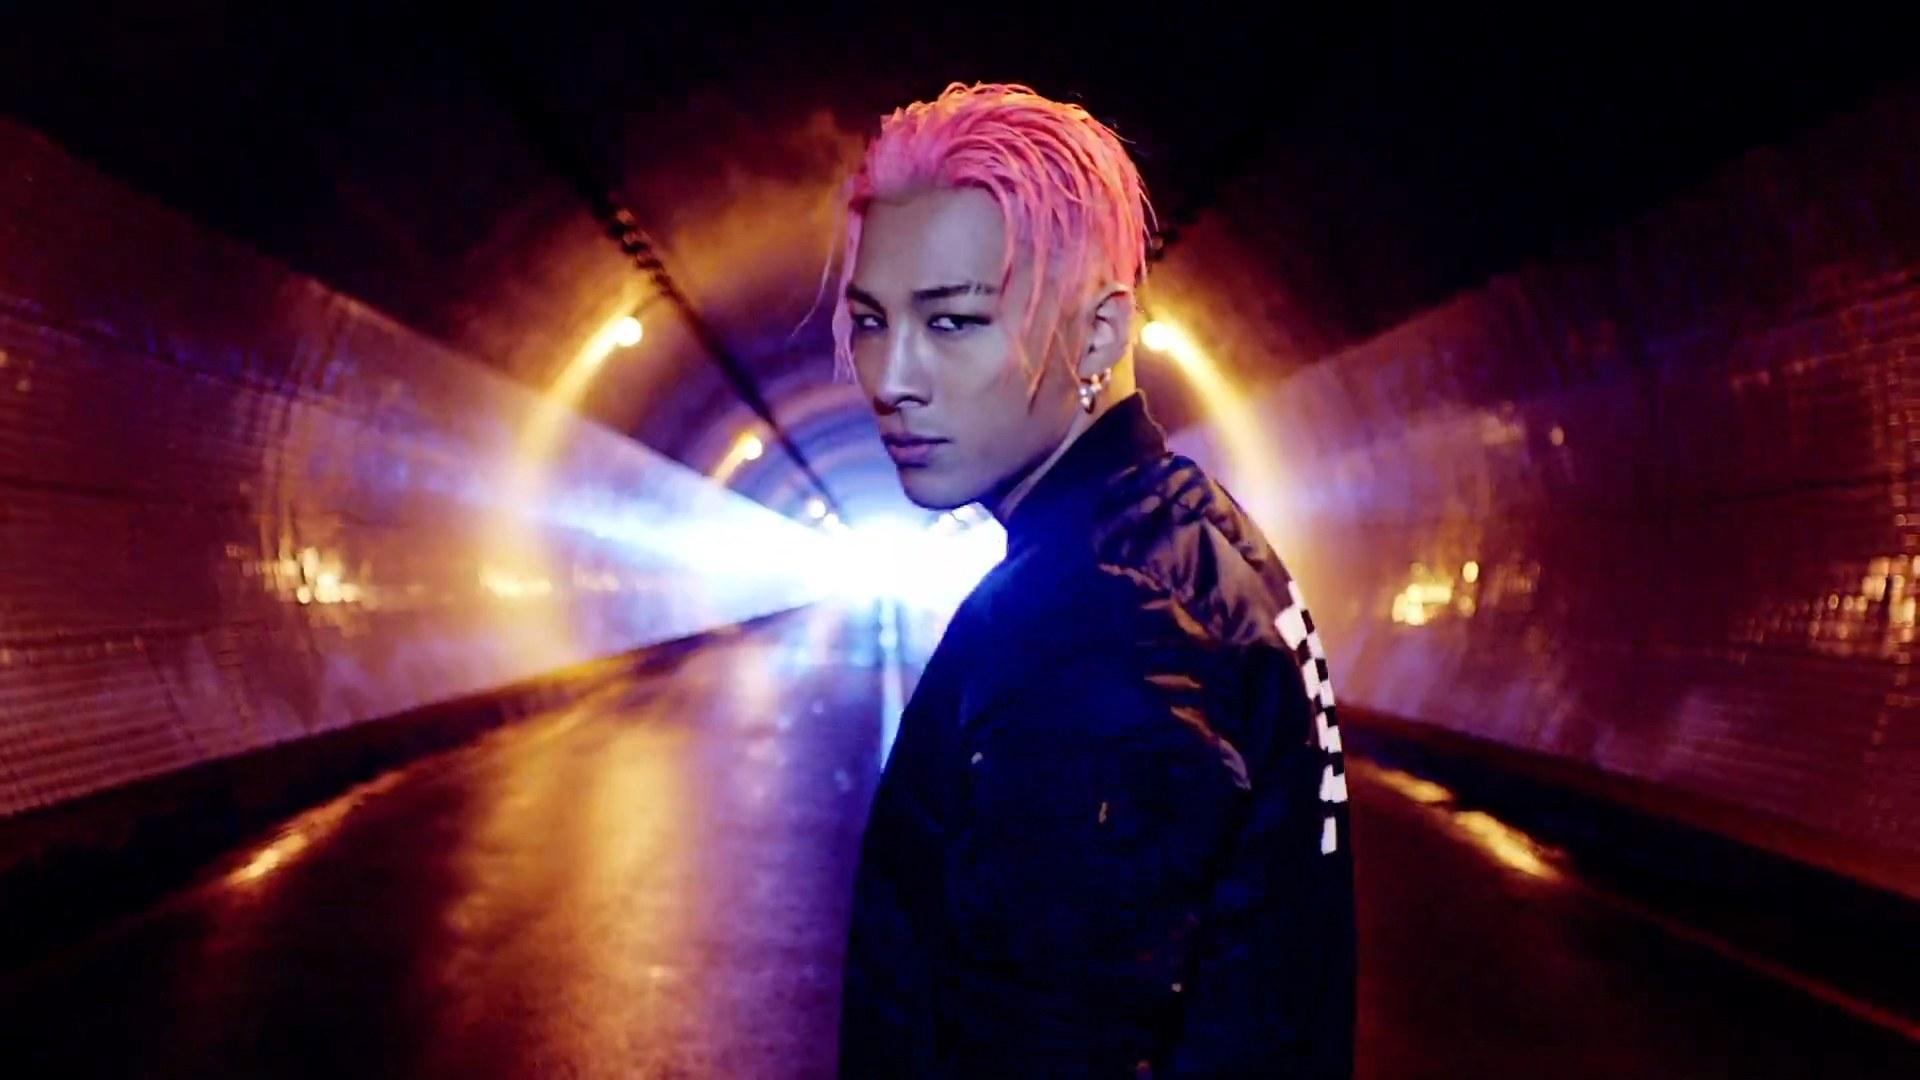 Boy Hairstyle Hd Wallpaper Big Bang Bang Bang Bang Mv Who S Who I Say Myeolchi